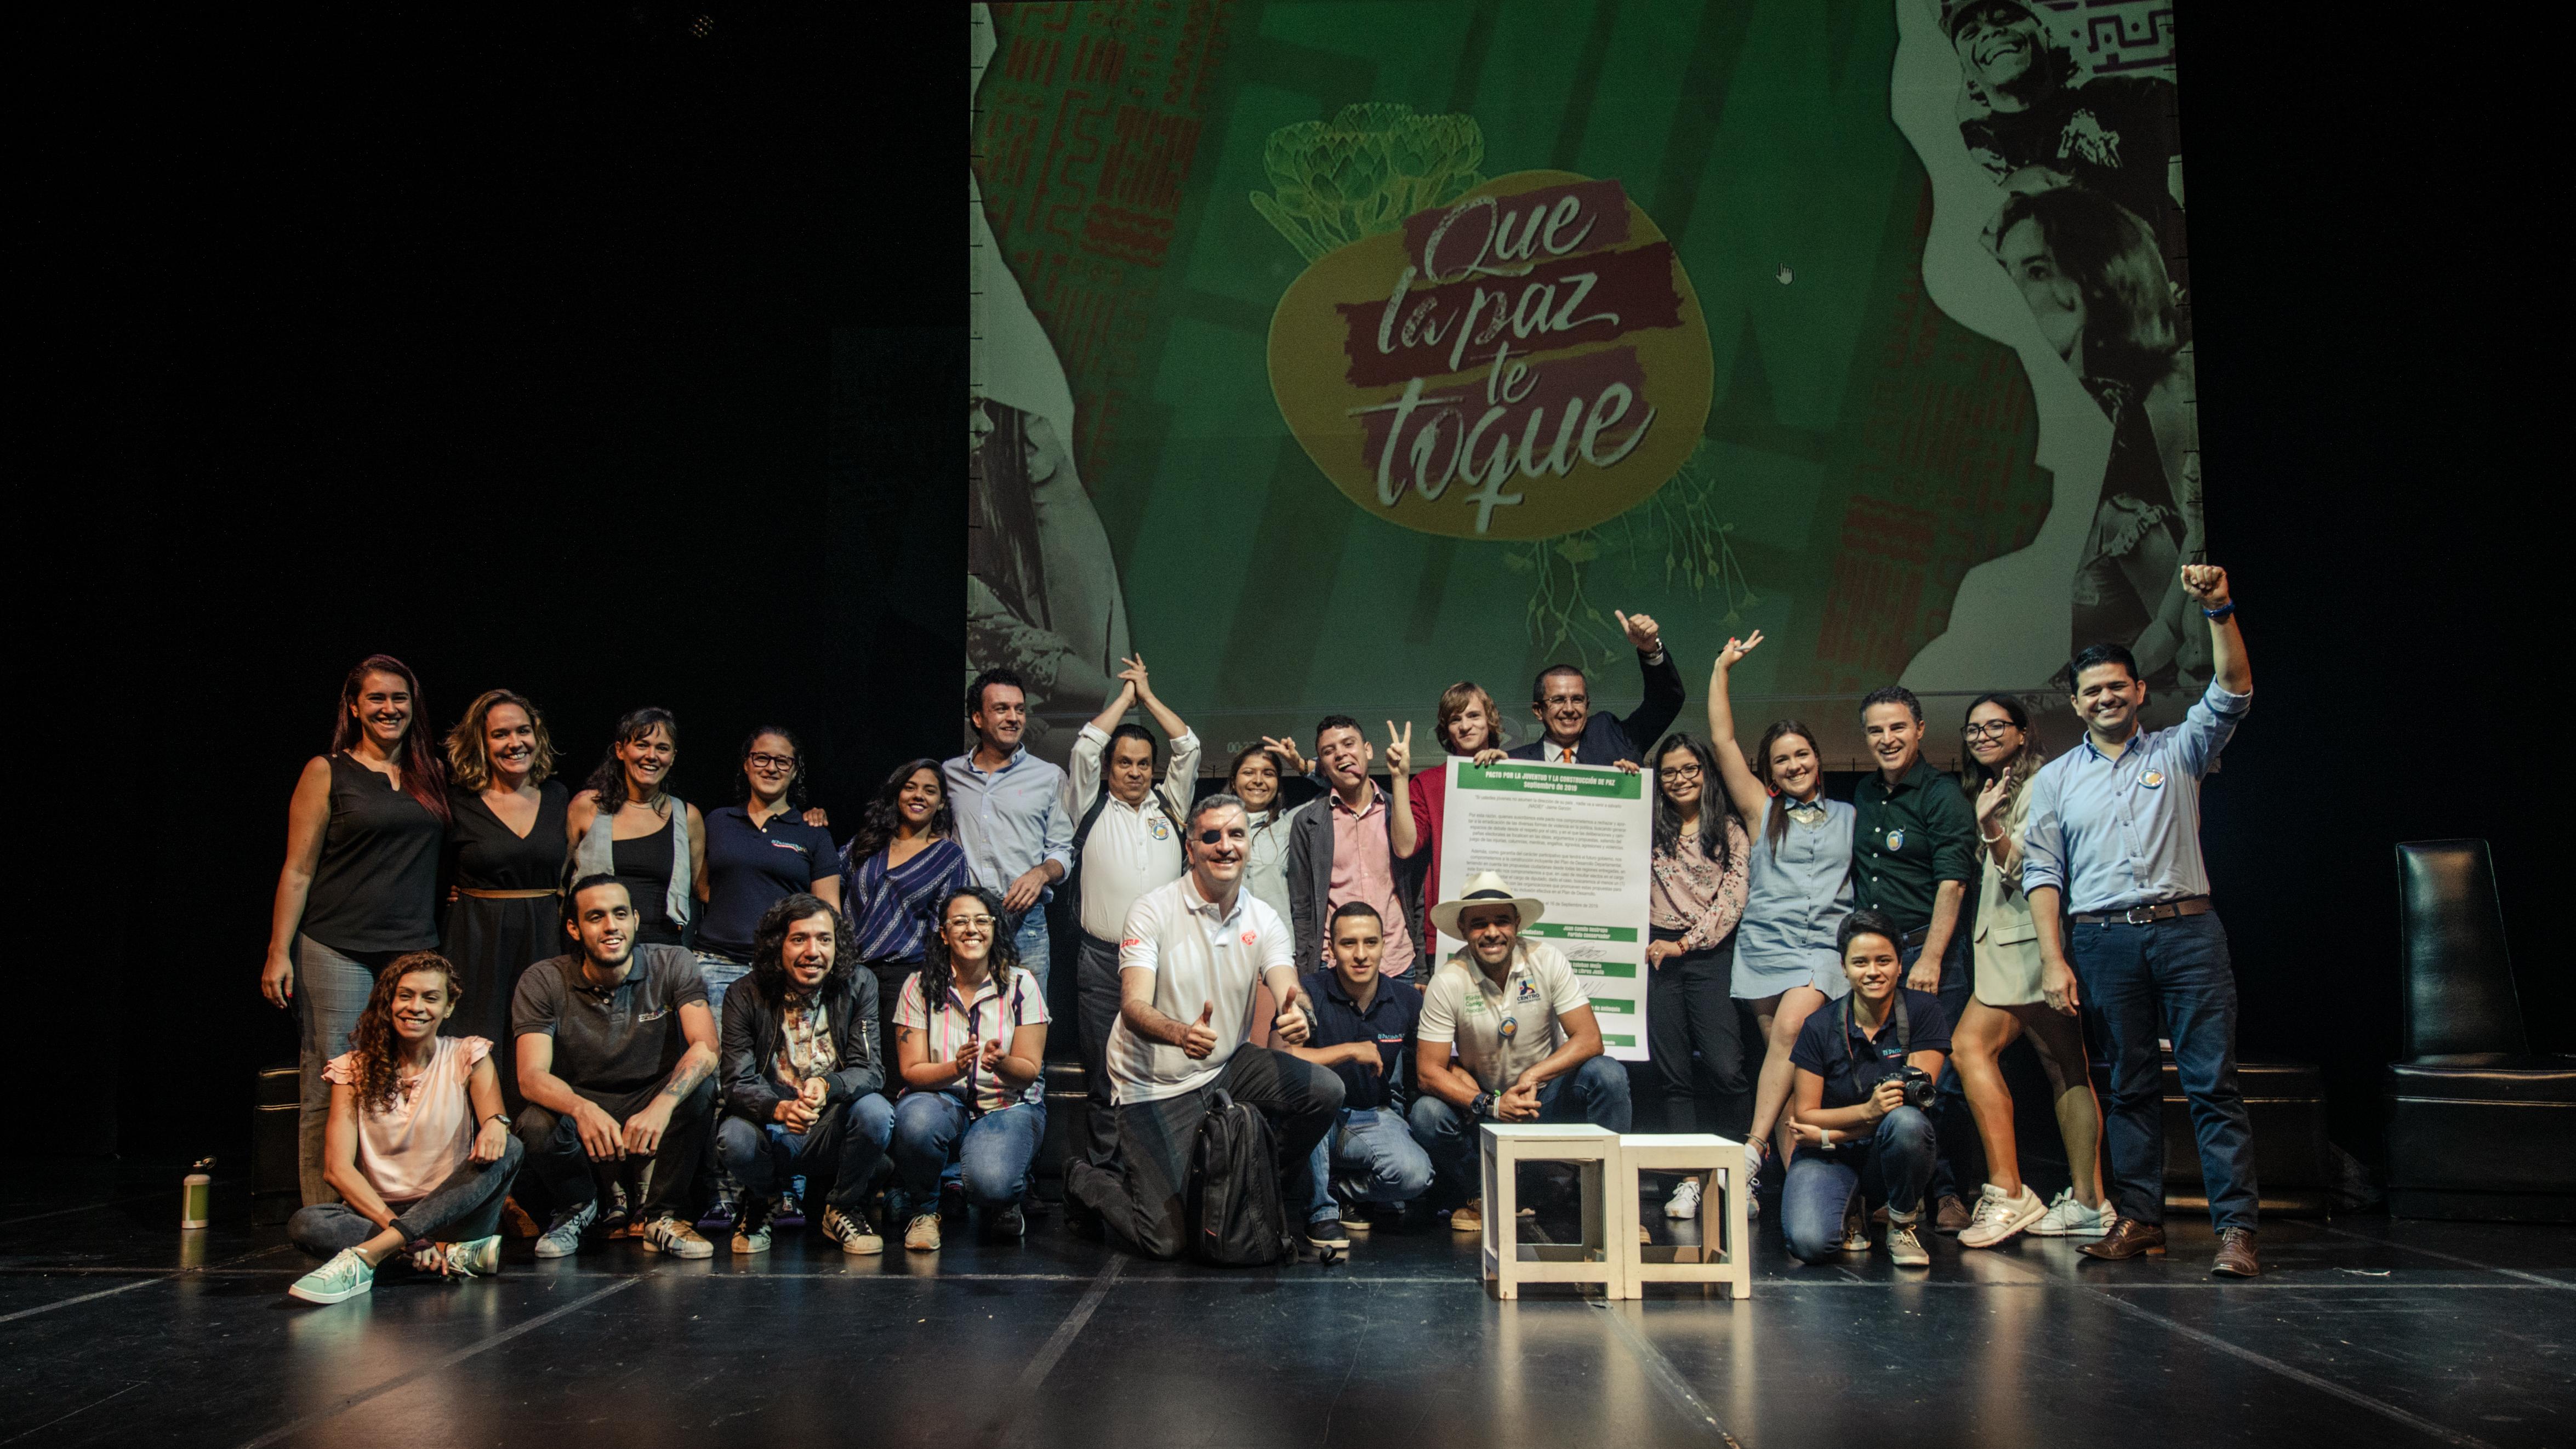 Regresa el mes de la literatura infantil y juvenil a Bogotá - 11-3